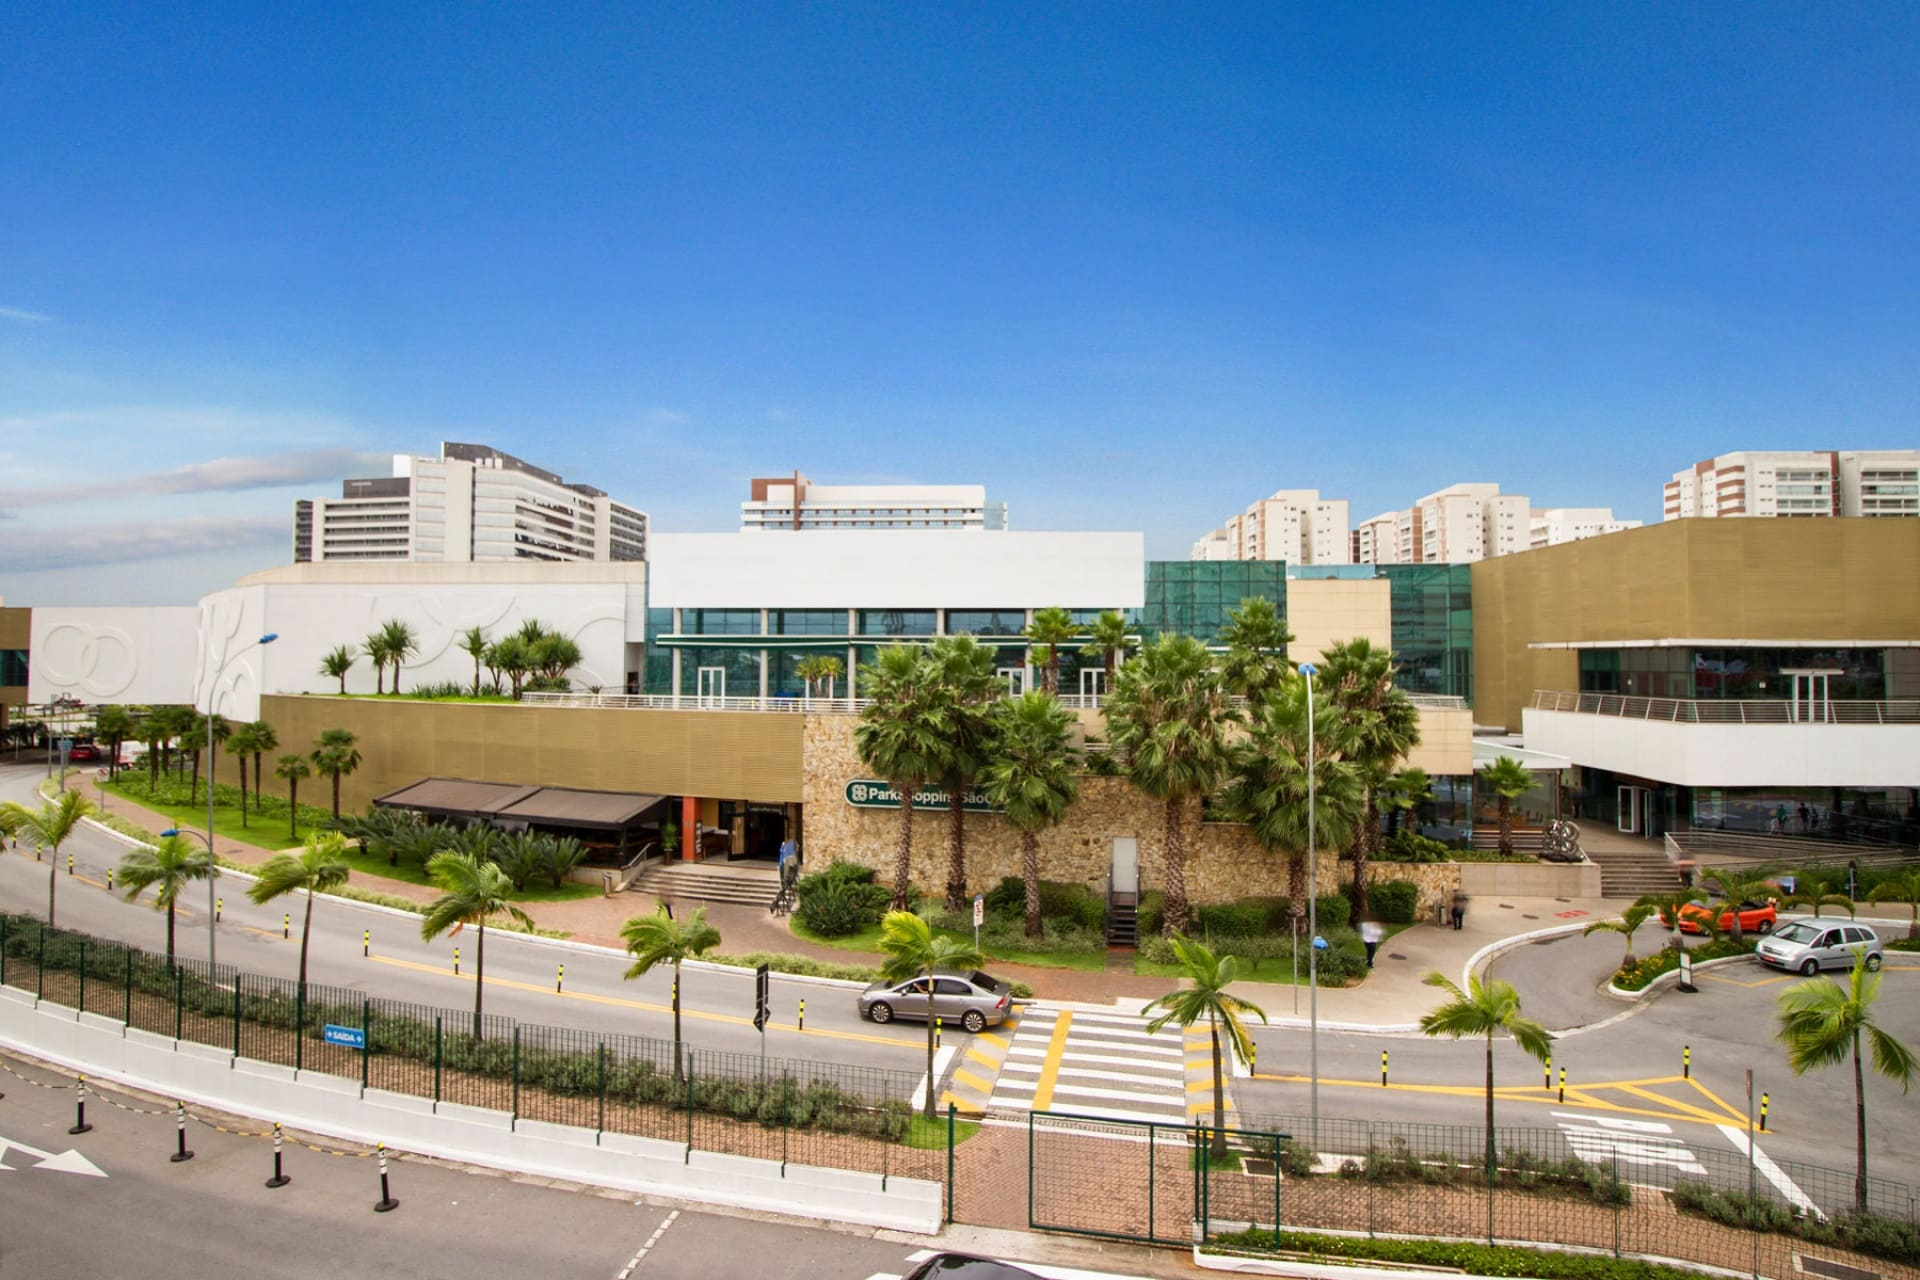 Imagem do shopping símbolo da cidade para quem quer escolher um escritório de contabilidade em São Caetano do Sul